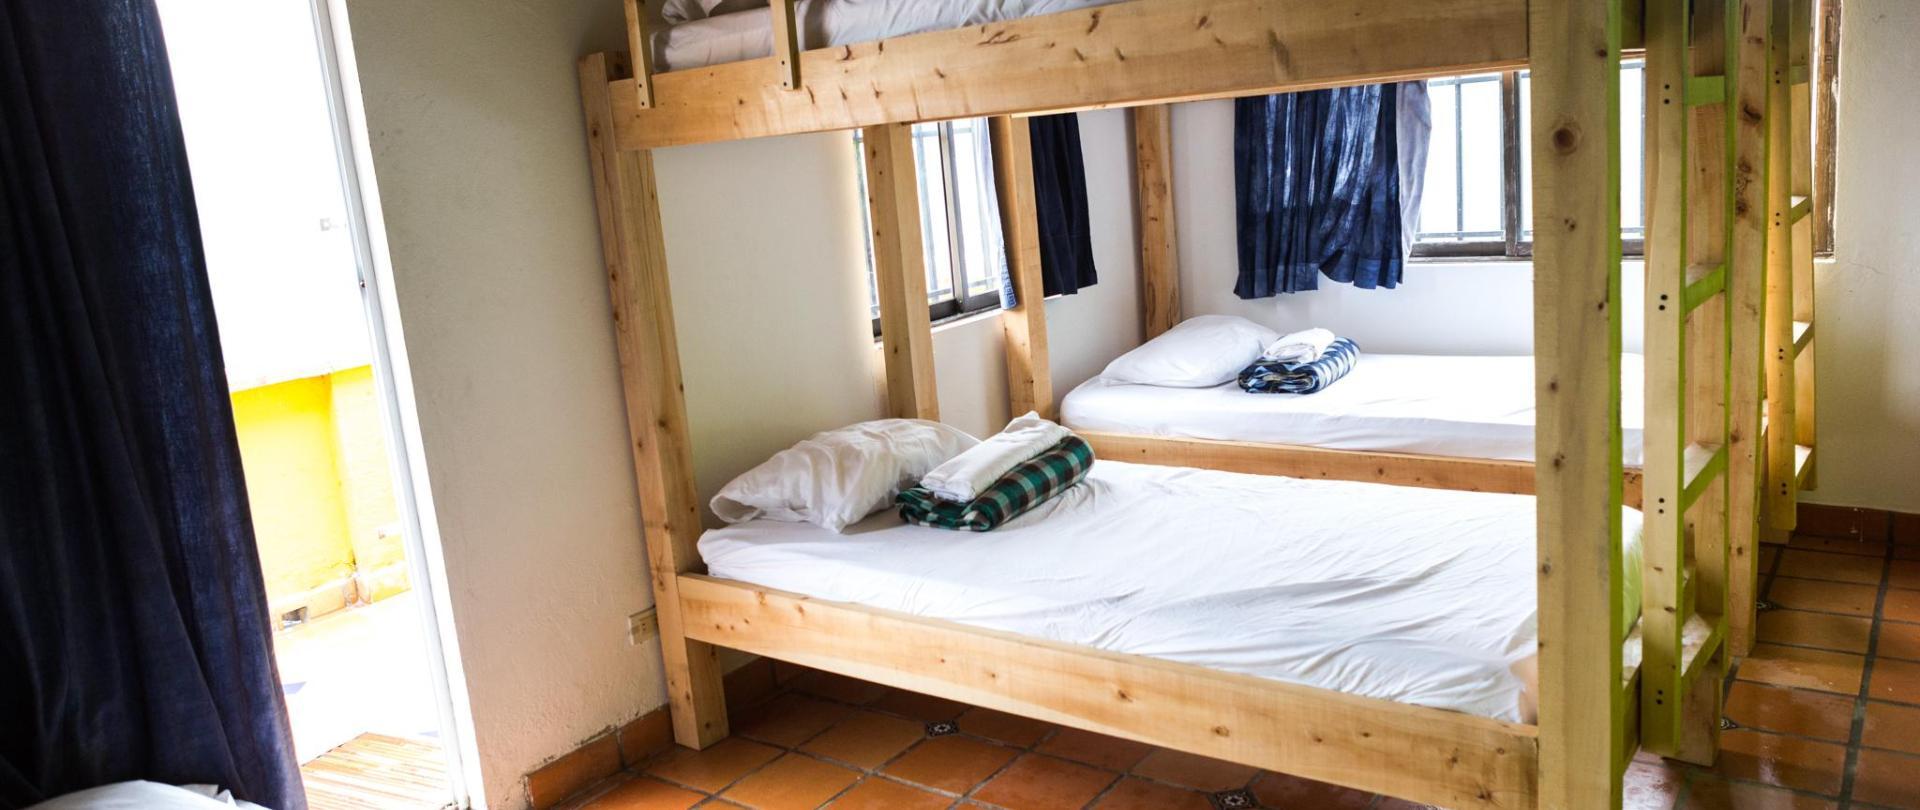 Galería Guatape habitaciones -7.jpg